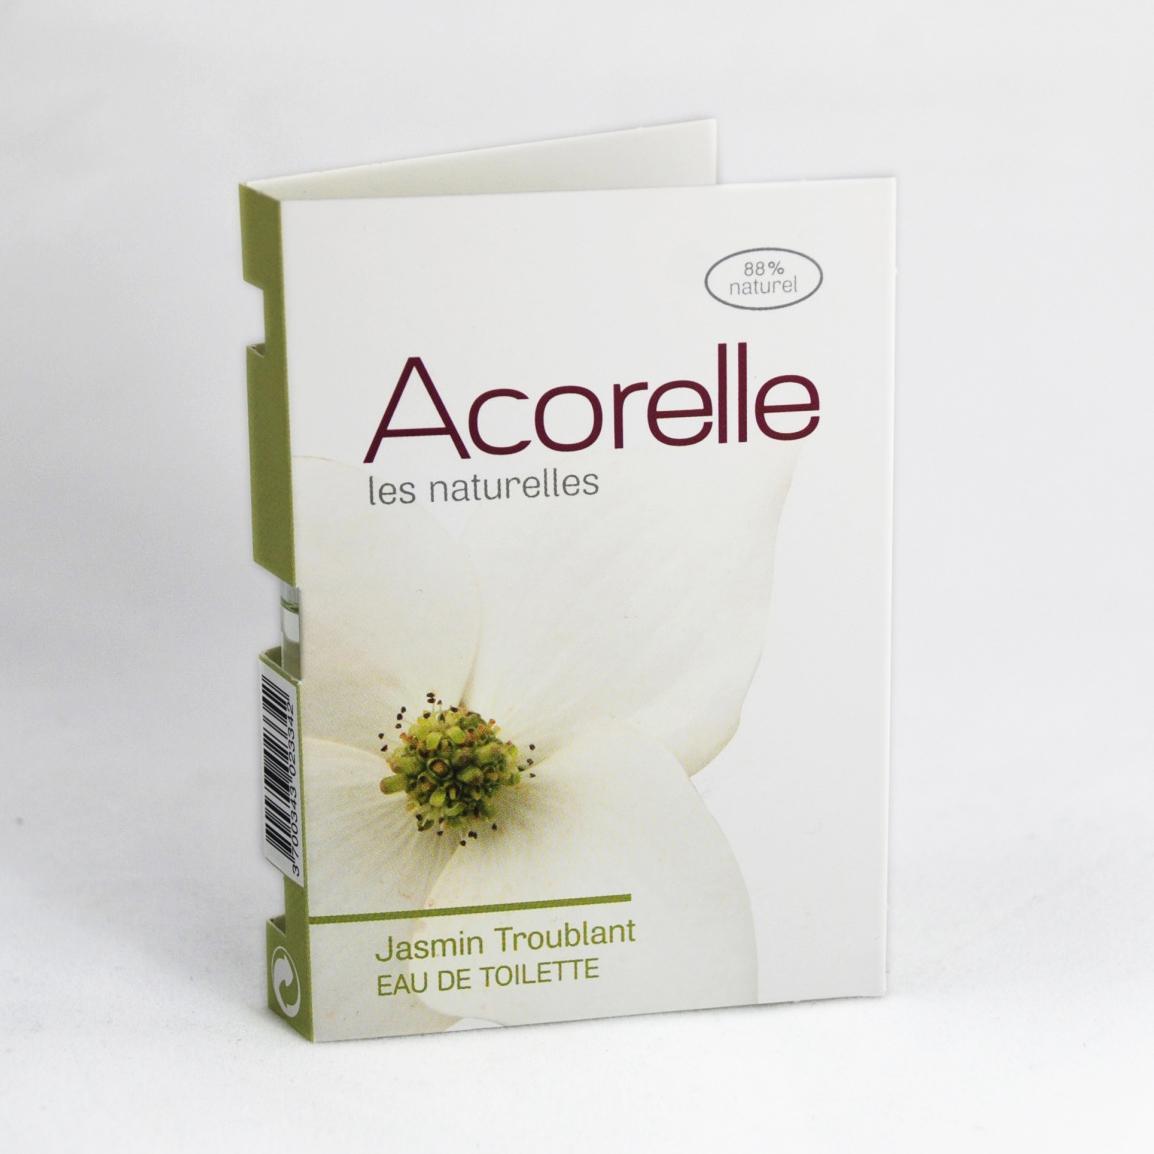 Acorelle Toaletní voda Jasmín 1,5 ml